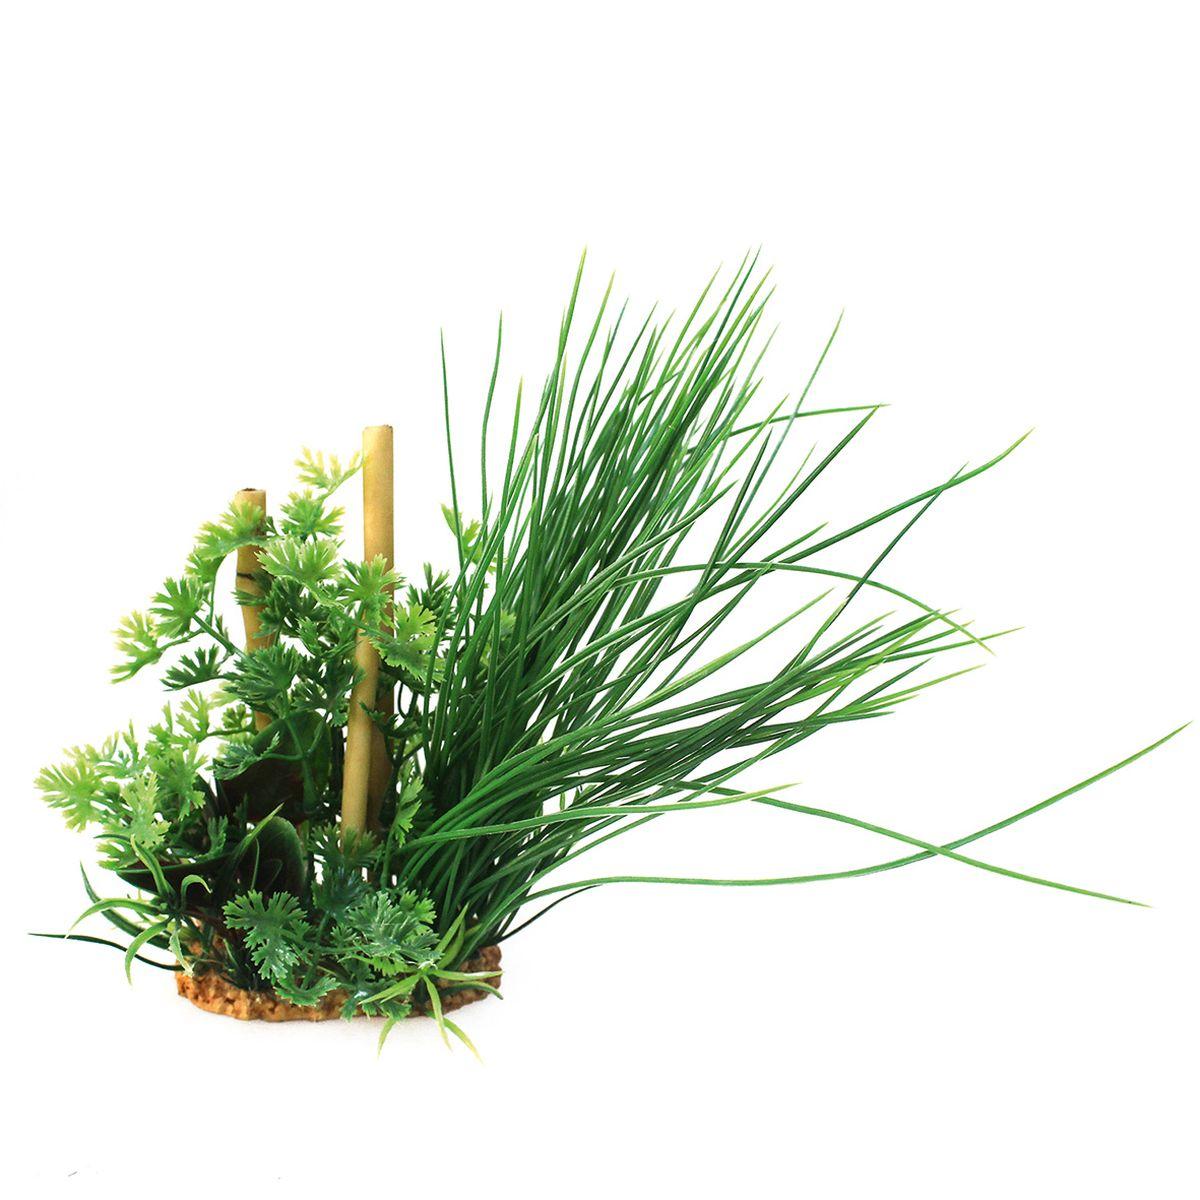 Композиция из растений для аквариума ArtUniq Лютик водный с бамбуком, высота 20 см0120710Композиция из искусственных растений ArtUniq превосходно украсит и оживит аквариум.Растения - это важная часть любой композиции, они помогут вдохнуть жизнь в ландшафт любого аквариума или террариума. Композиция является точной копией природного растения.